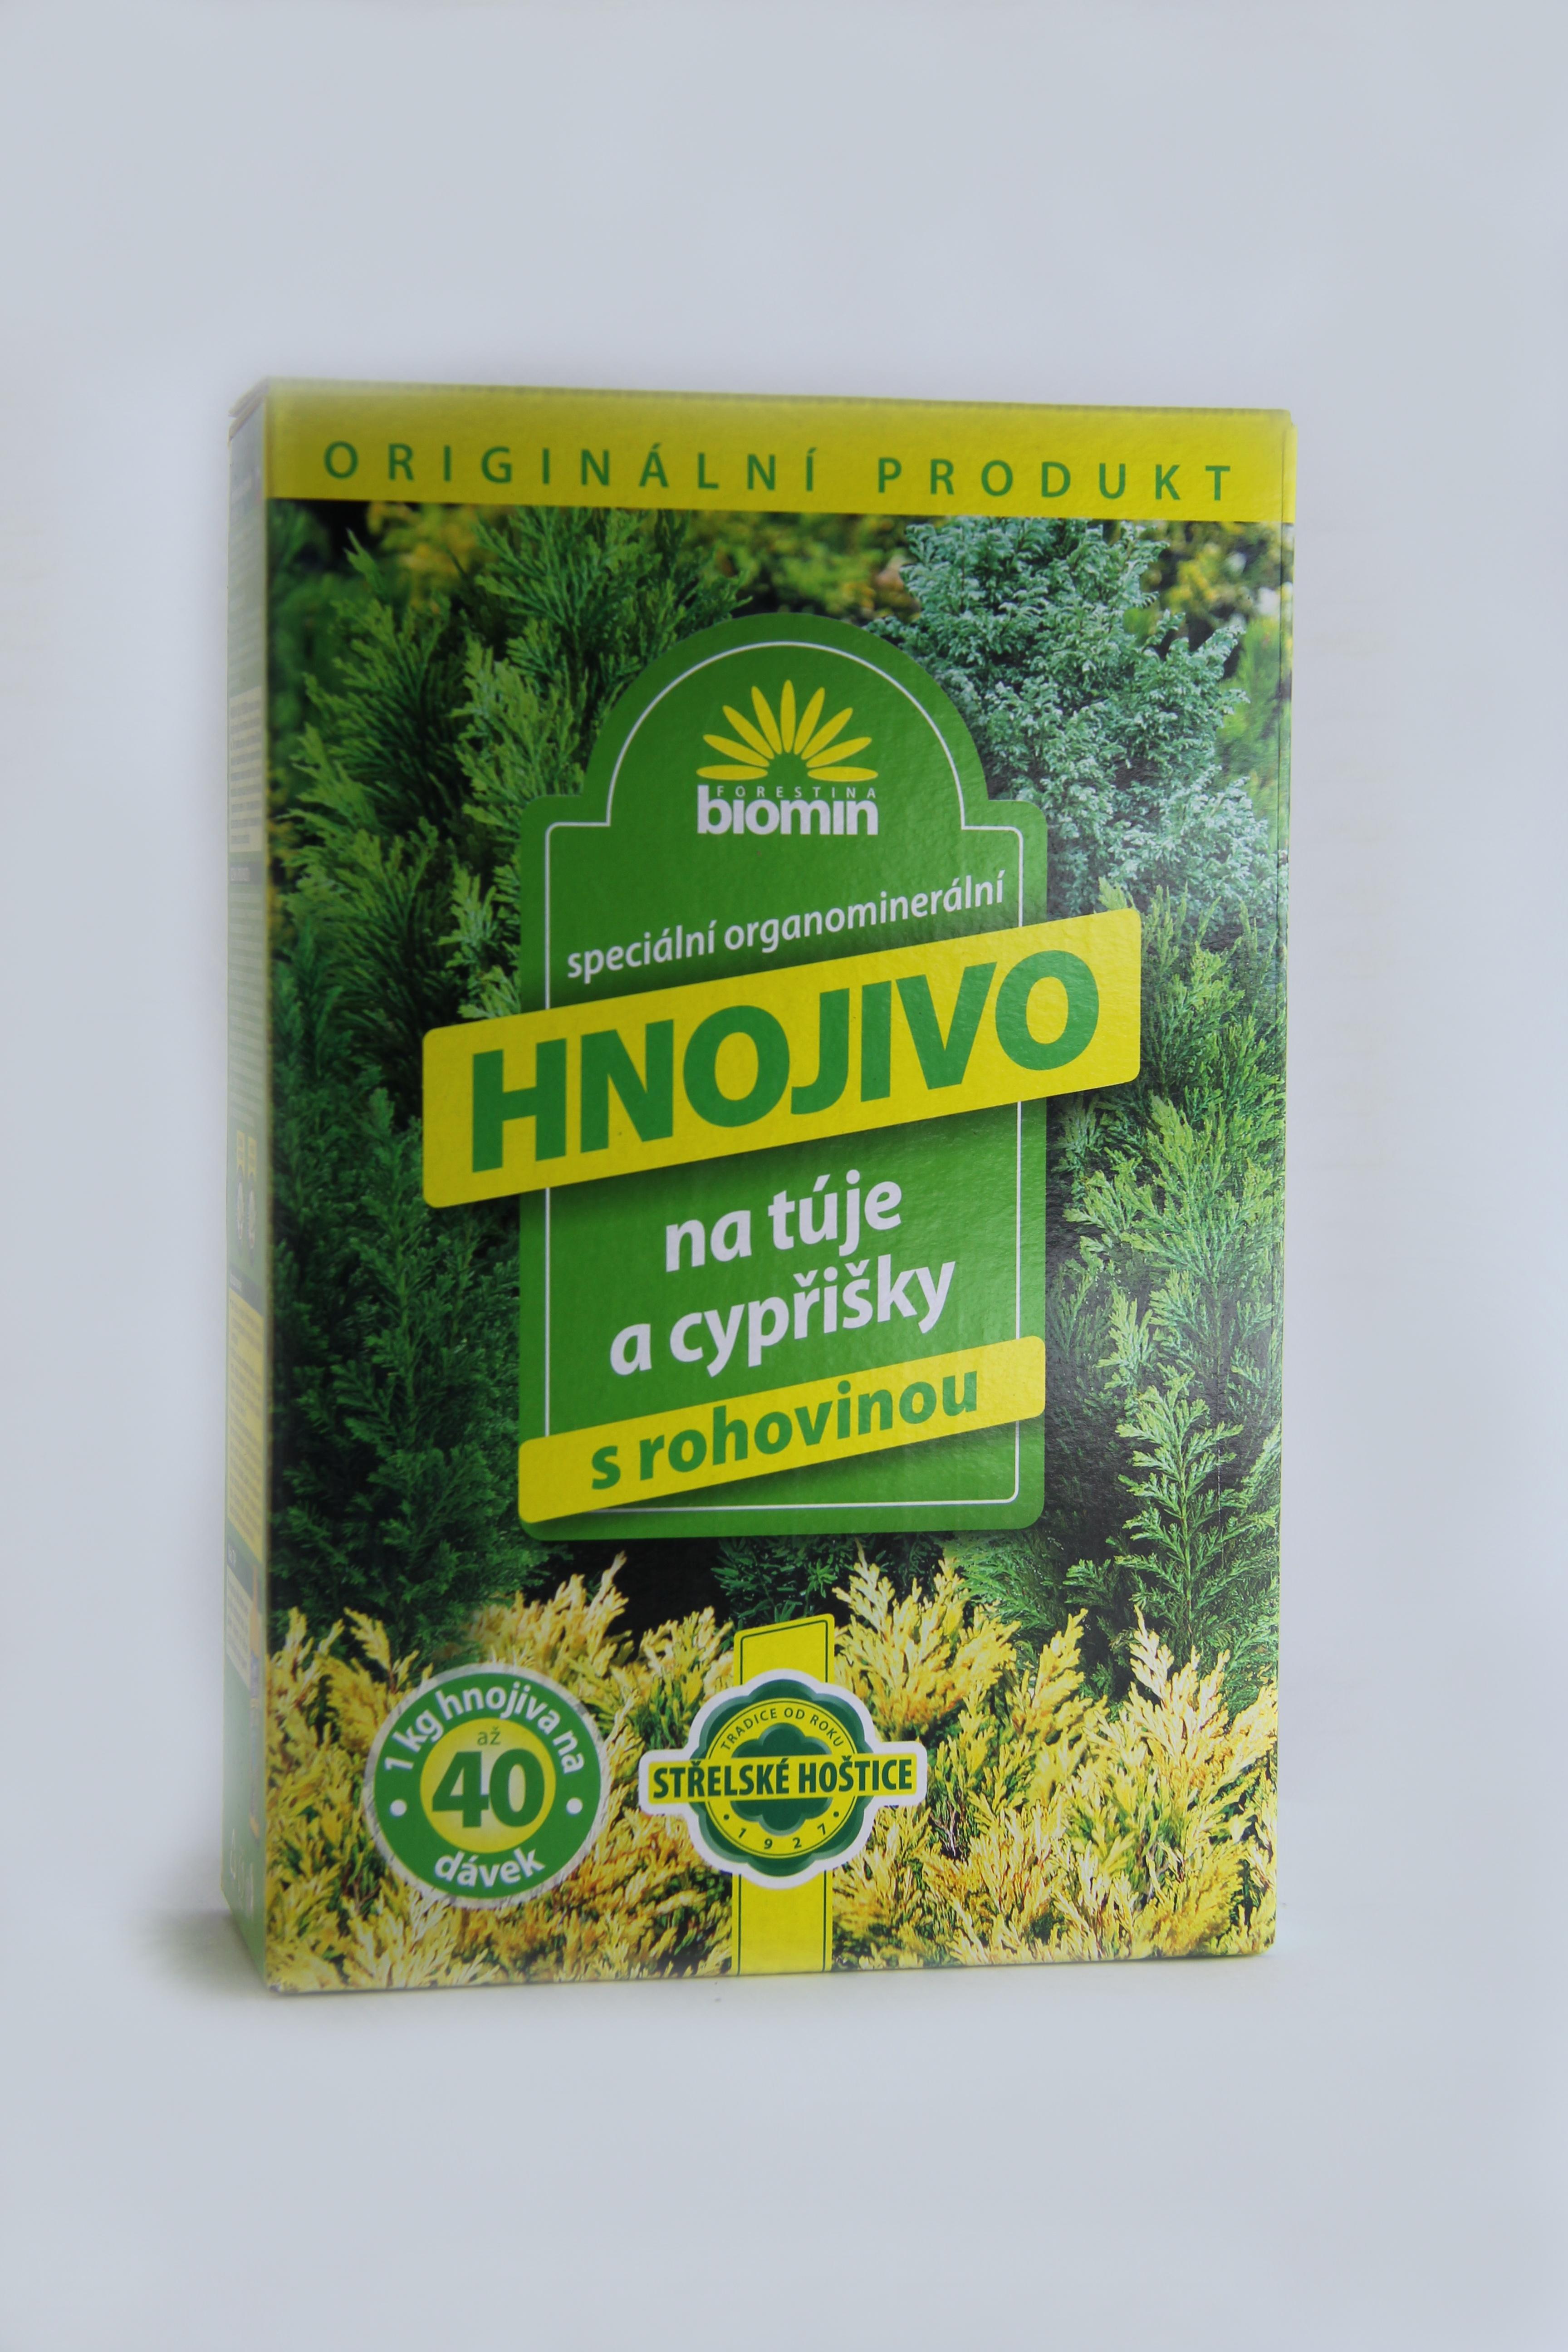 Hnojivo na thuje a cypřišky s rohovinou 1 kg Forestina biomin